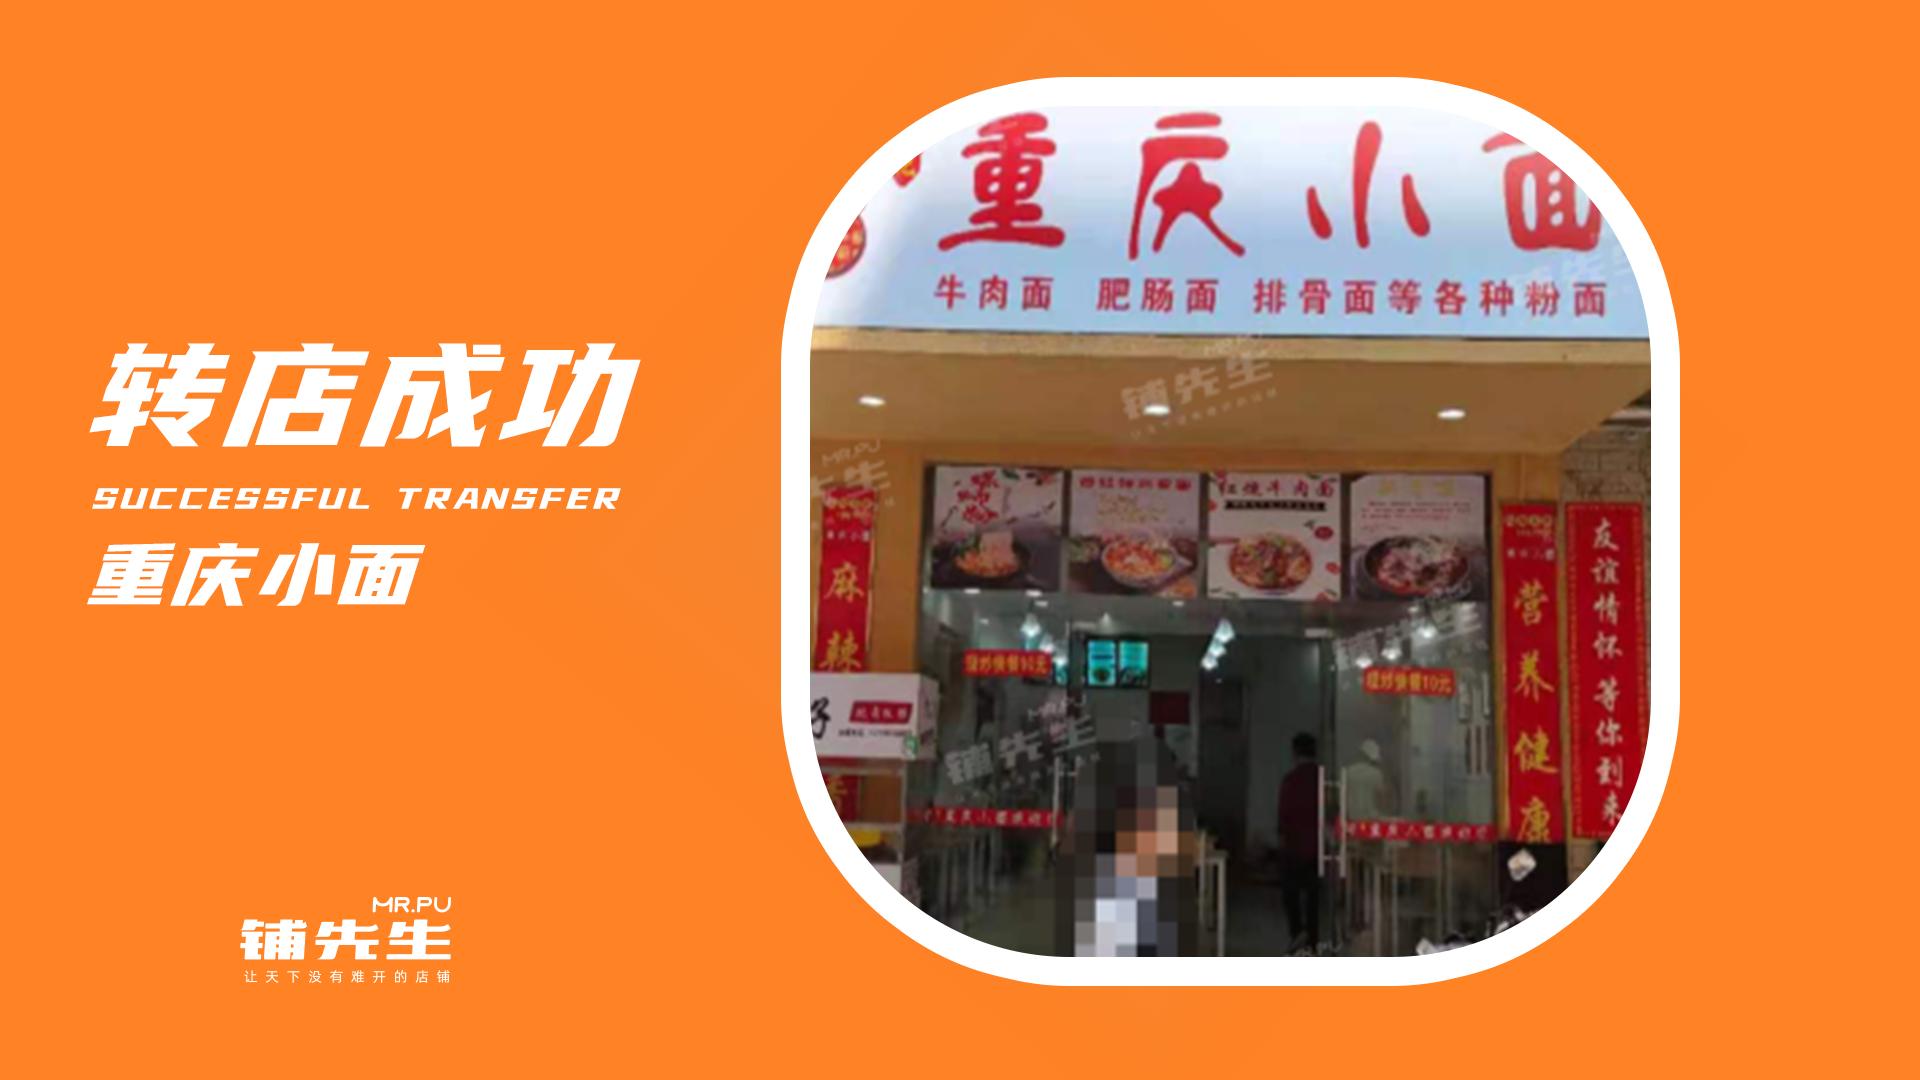 大亚湾比亚迪厂旁餐饮店,人流集中—与铺先生合作成功转店